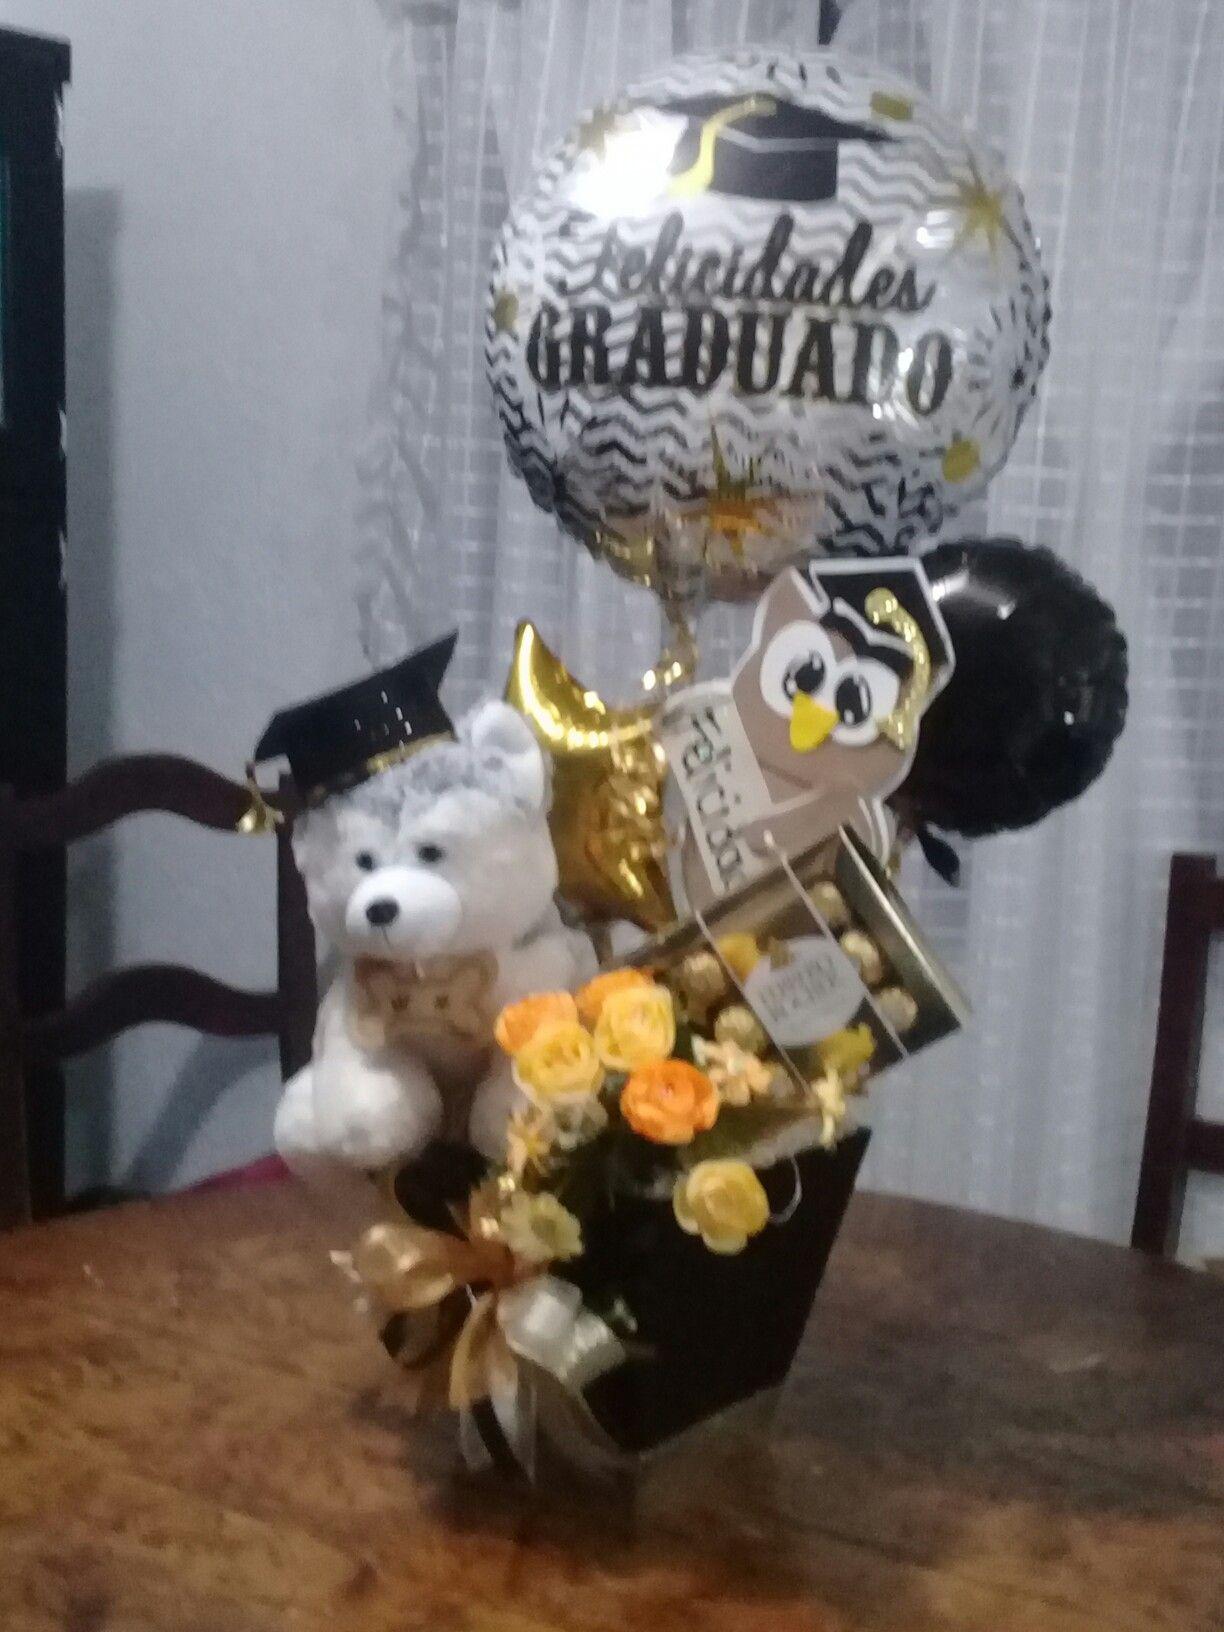 Pin De Glenda Quimis En Graduation Arreglos De Peluches Arreglos Con Globos Decoración Con Globos Cumpleaños